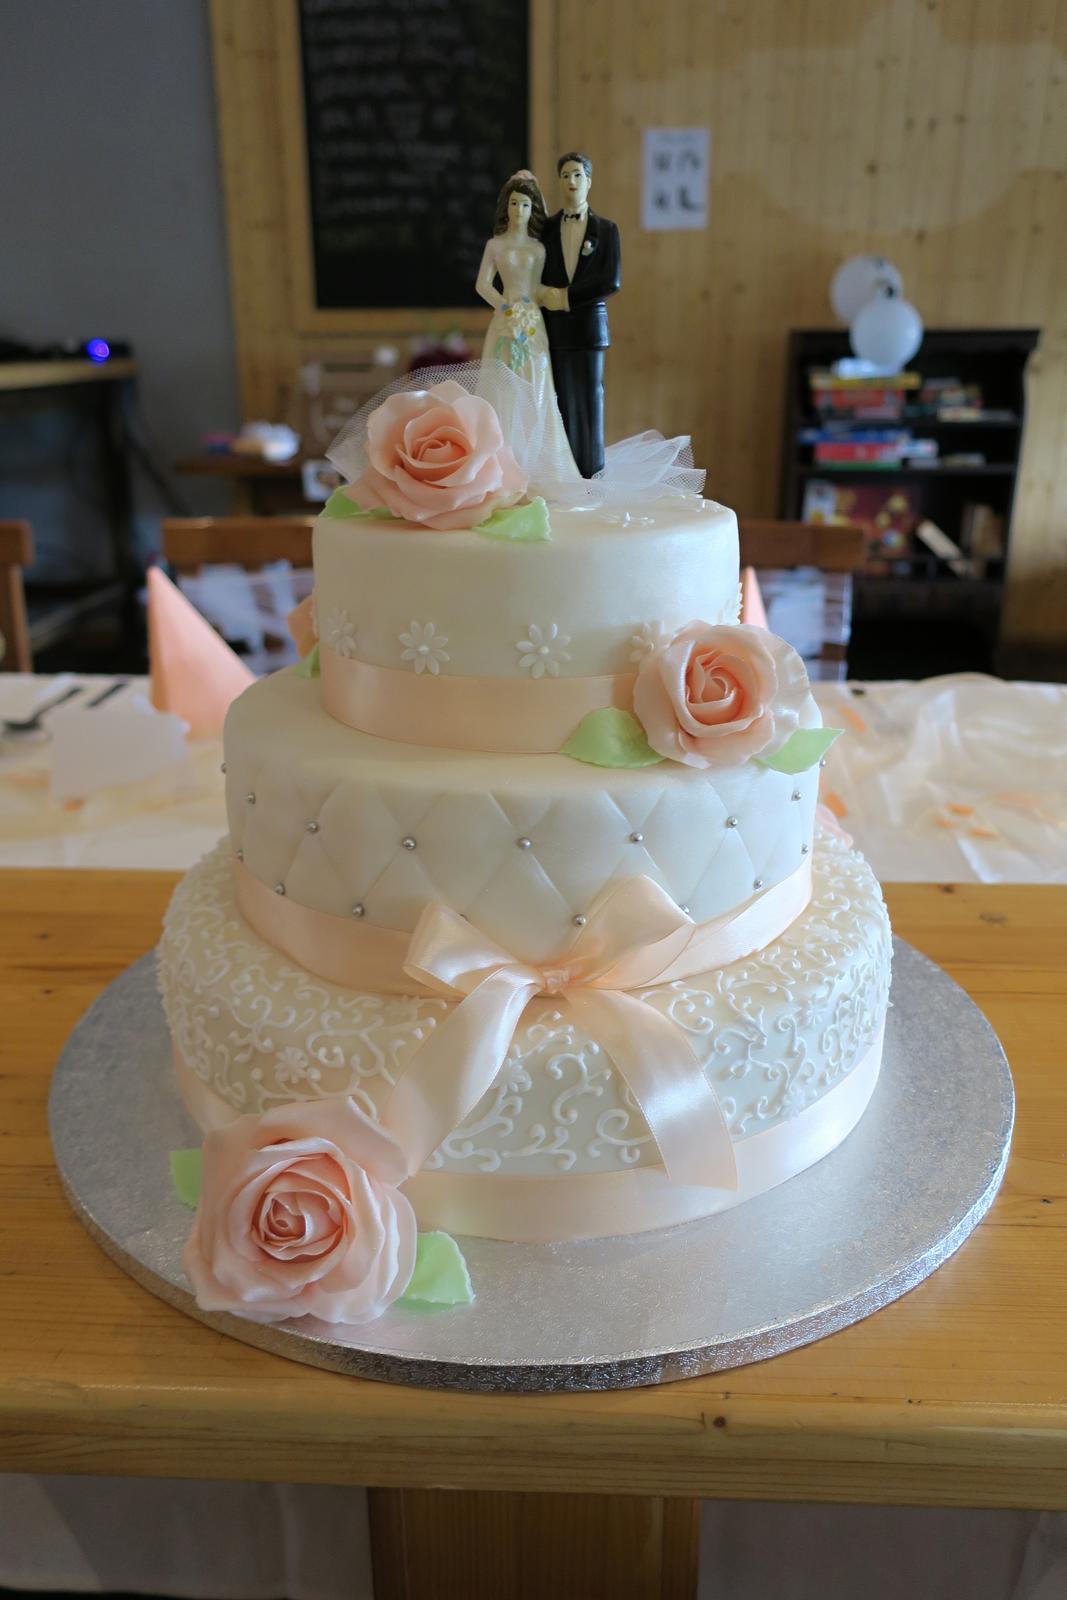 Lucie{{_AND_}}Petr - Nádherný dort od kamarádky ségry (17 let) :) její první třípatrový a její první svatební :)